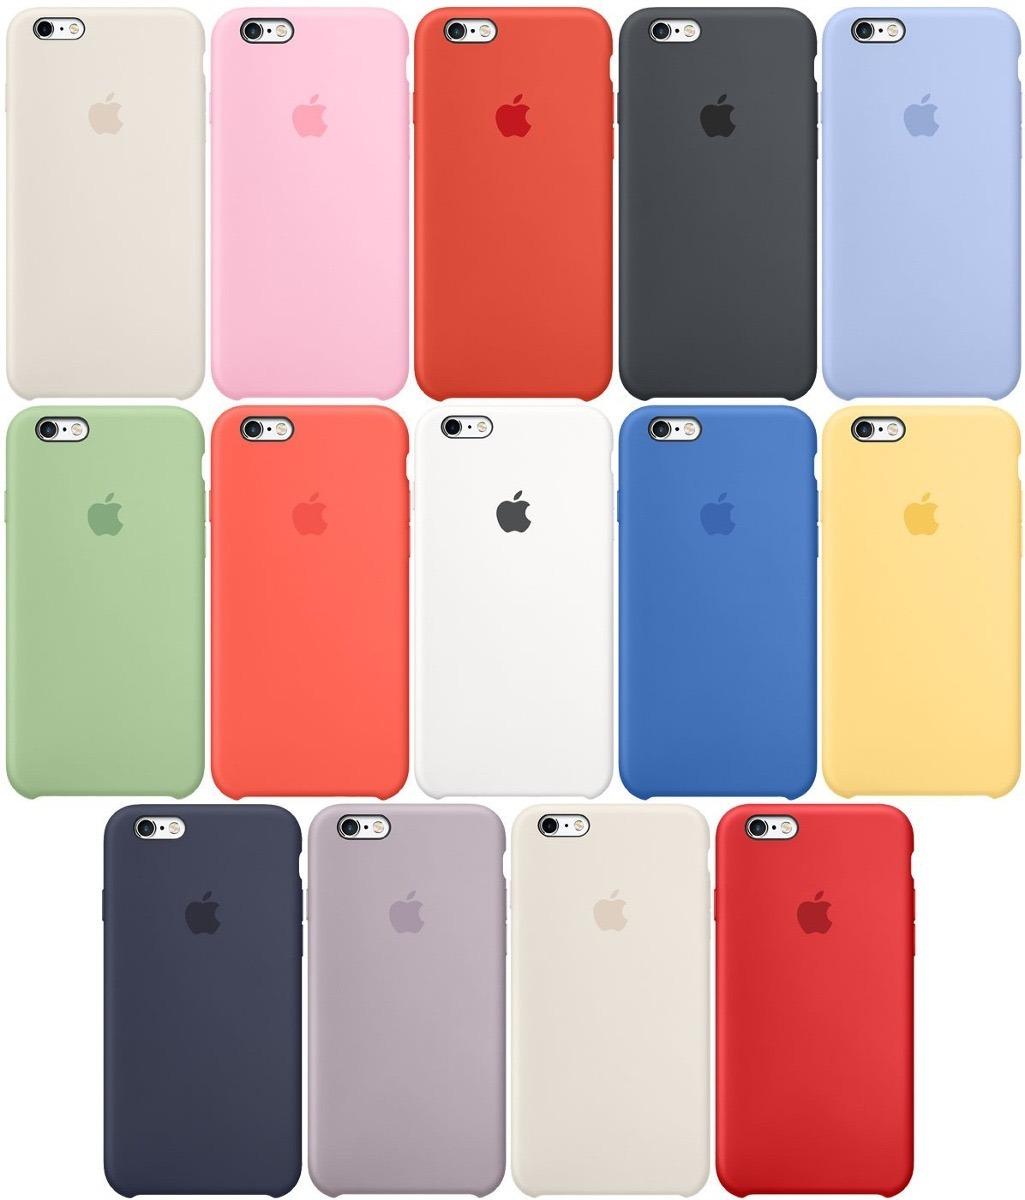 vocal tormenta Excremento  Carcasa Silicona iPhone 6 iPhone 6s Apple | Maxtech - $ 7.990 en Mercado  Libre